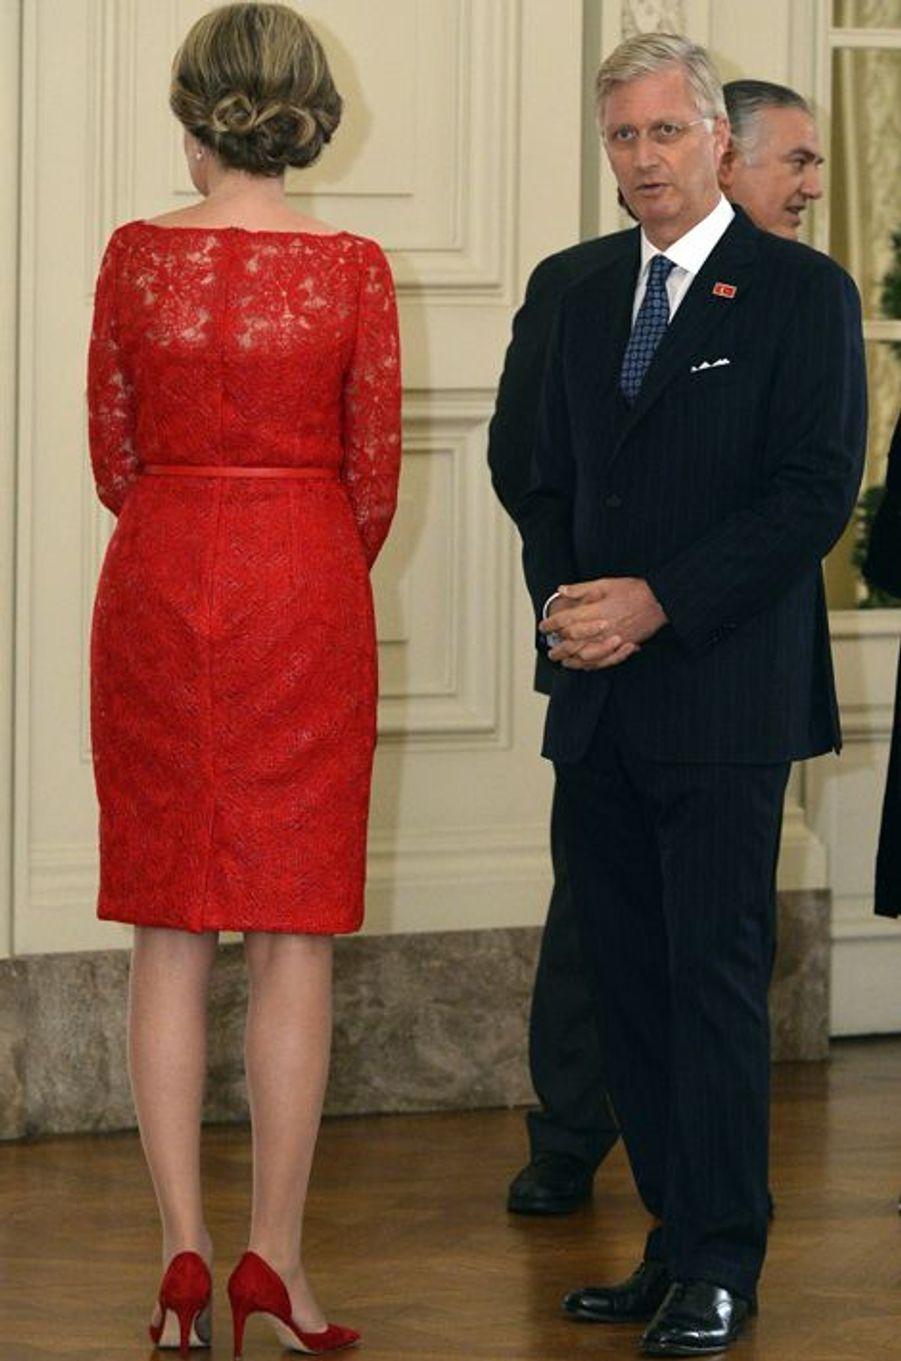 La reine Mathilde et le roi Philippe de Belgique au château de Laeken à Bruxelles, le 6 octobre 2015